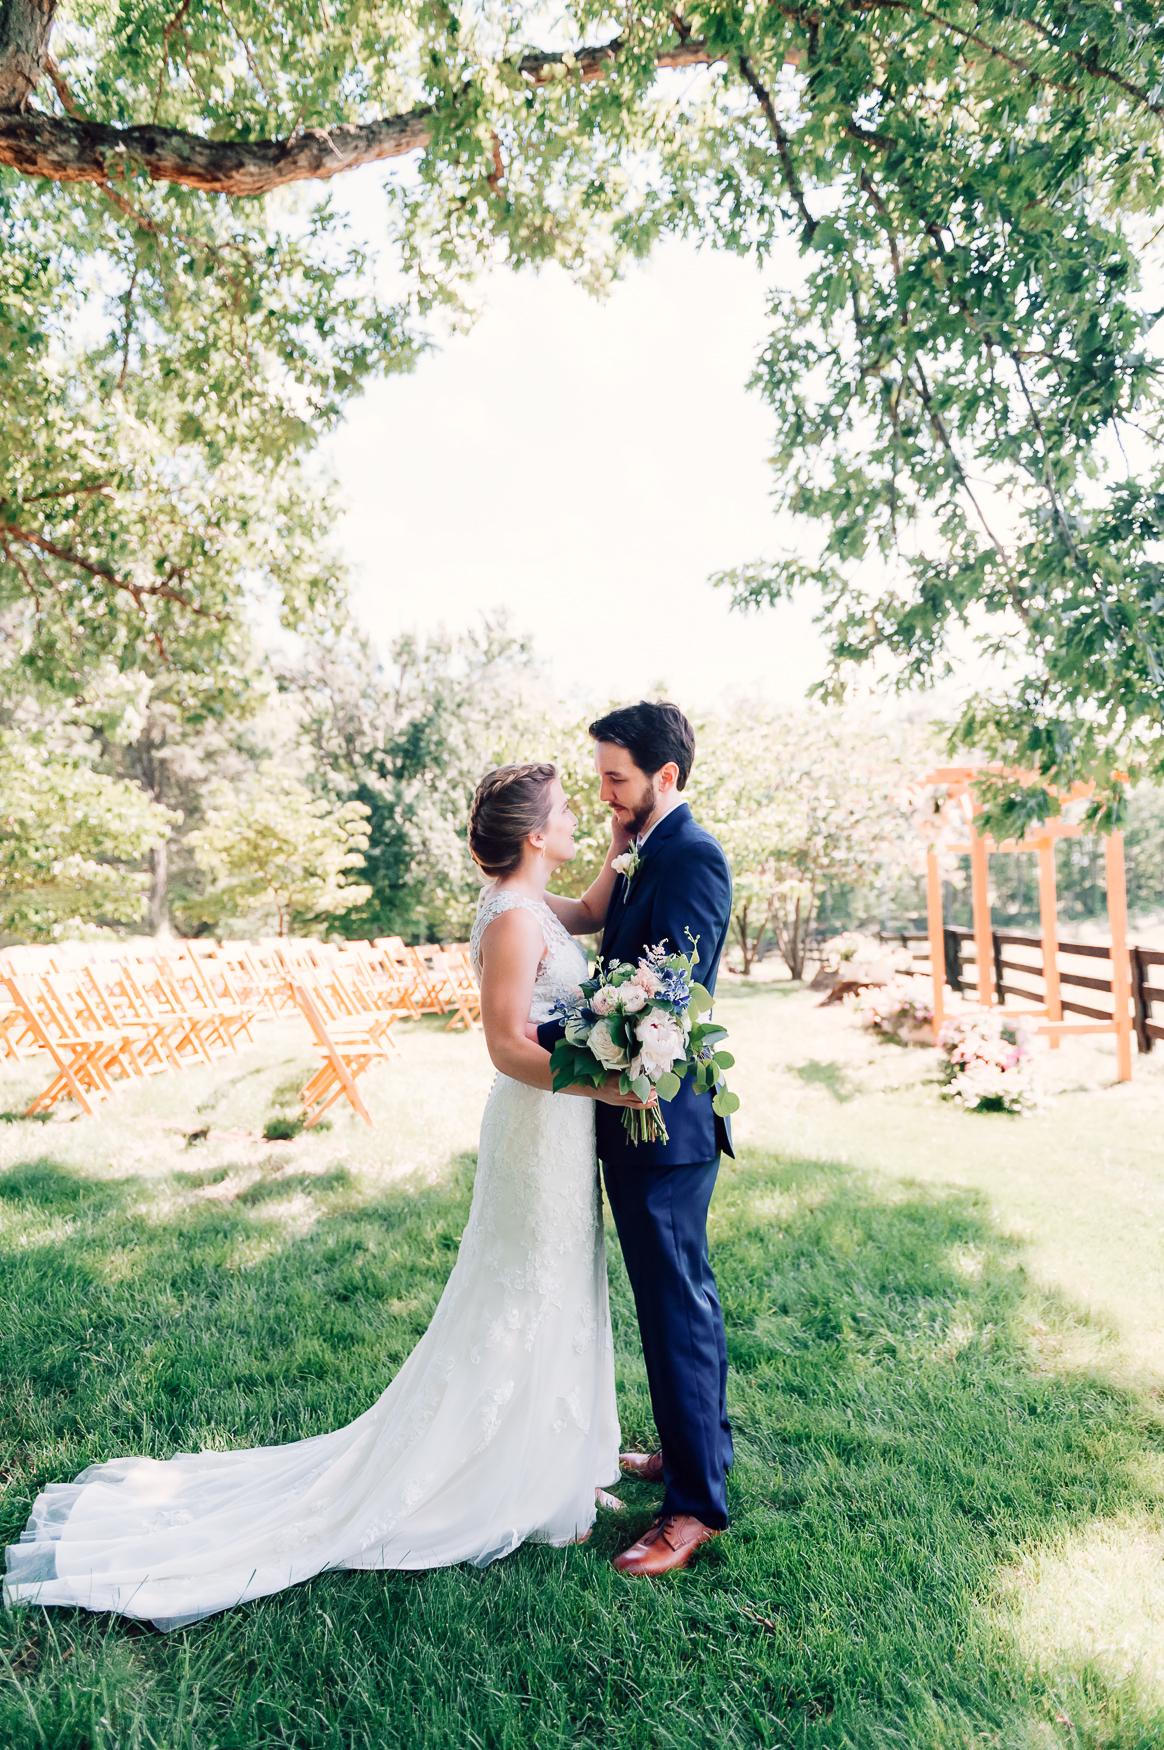 charlottesvillewedding_backyardwedding_virginia_youseephotography_CaitlinDerek (17).jpg